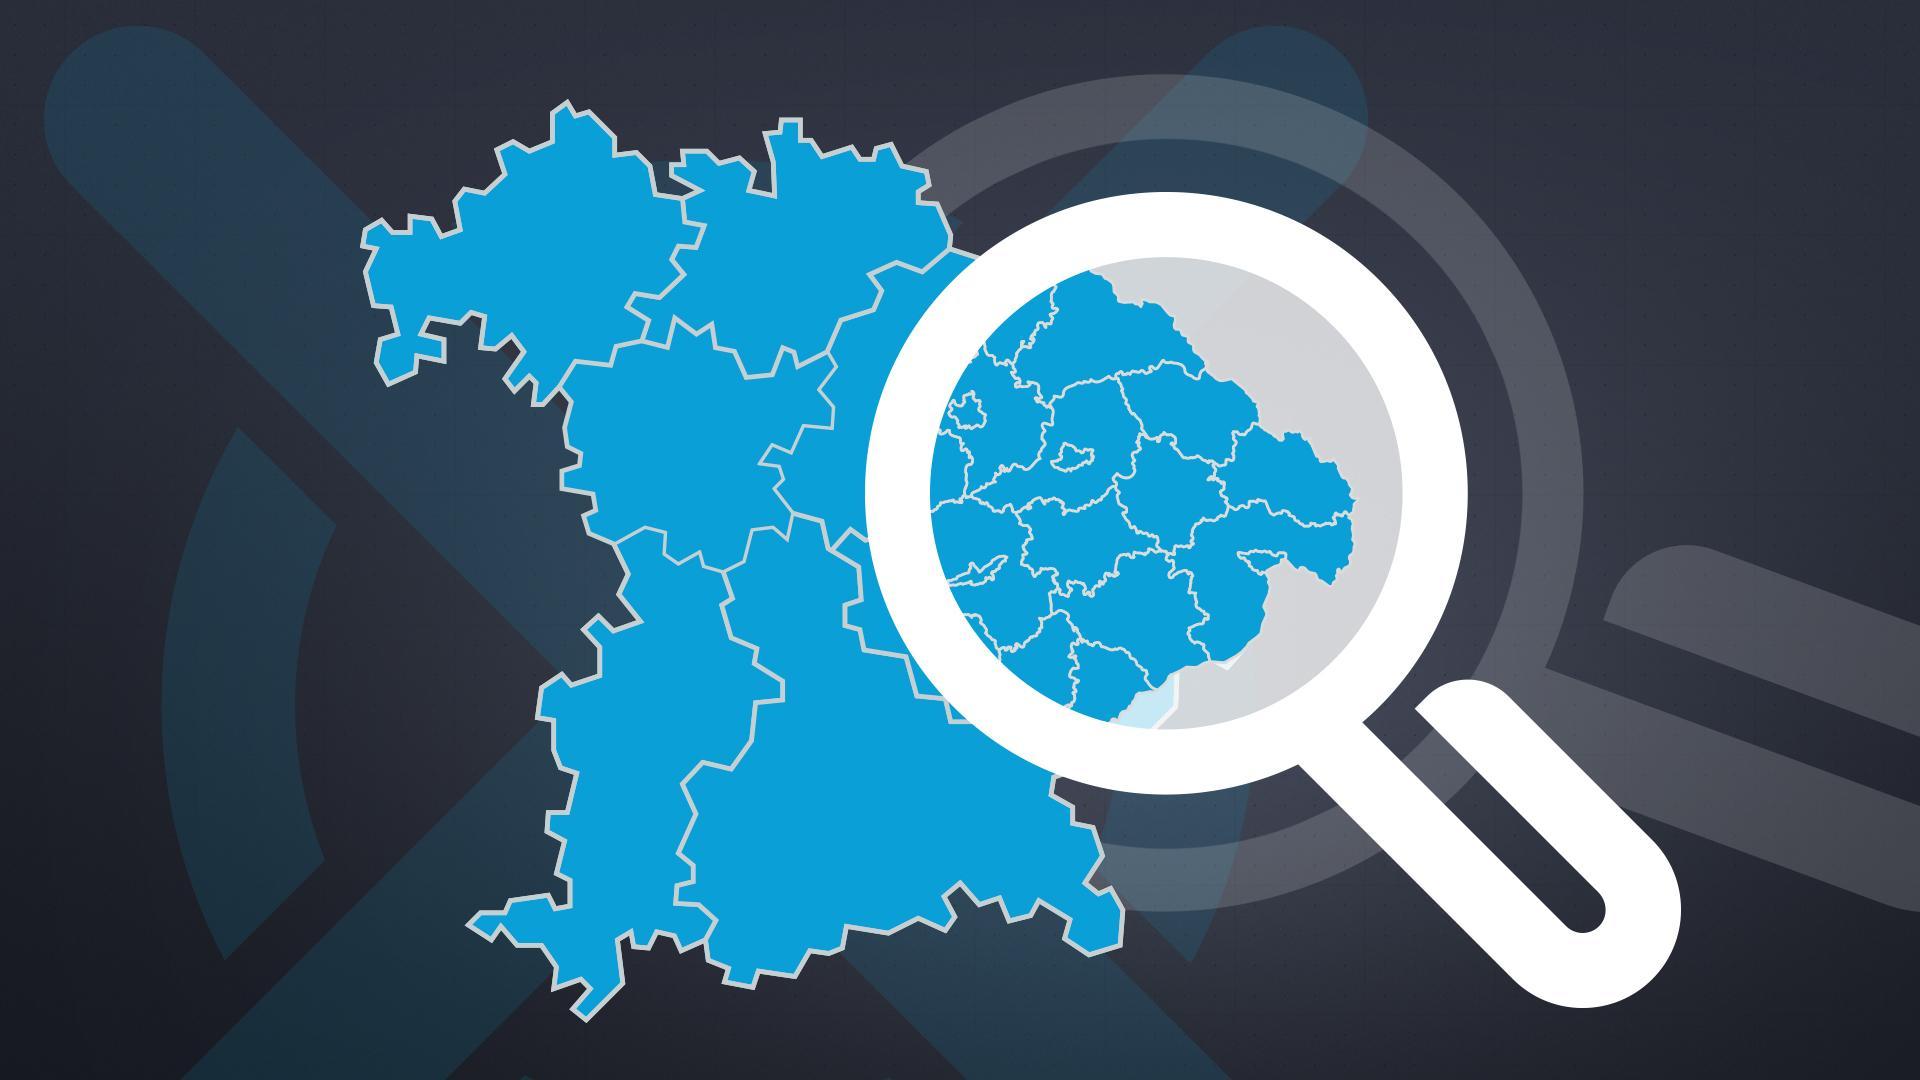 Kommunalwahlen 2020 in Bayern: Die Ergebnisse